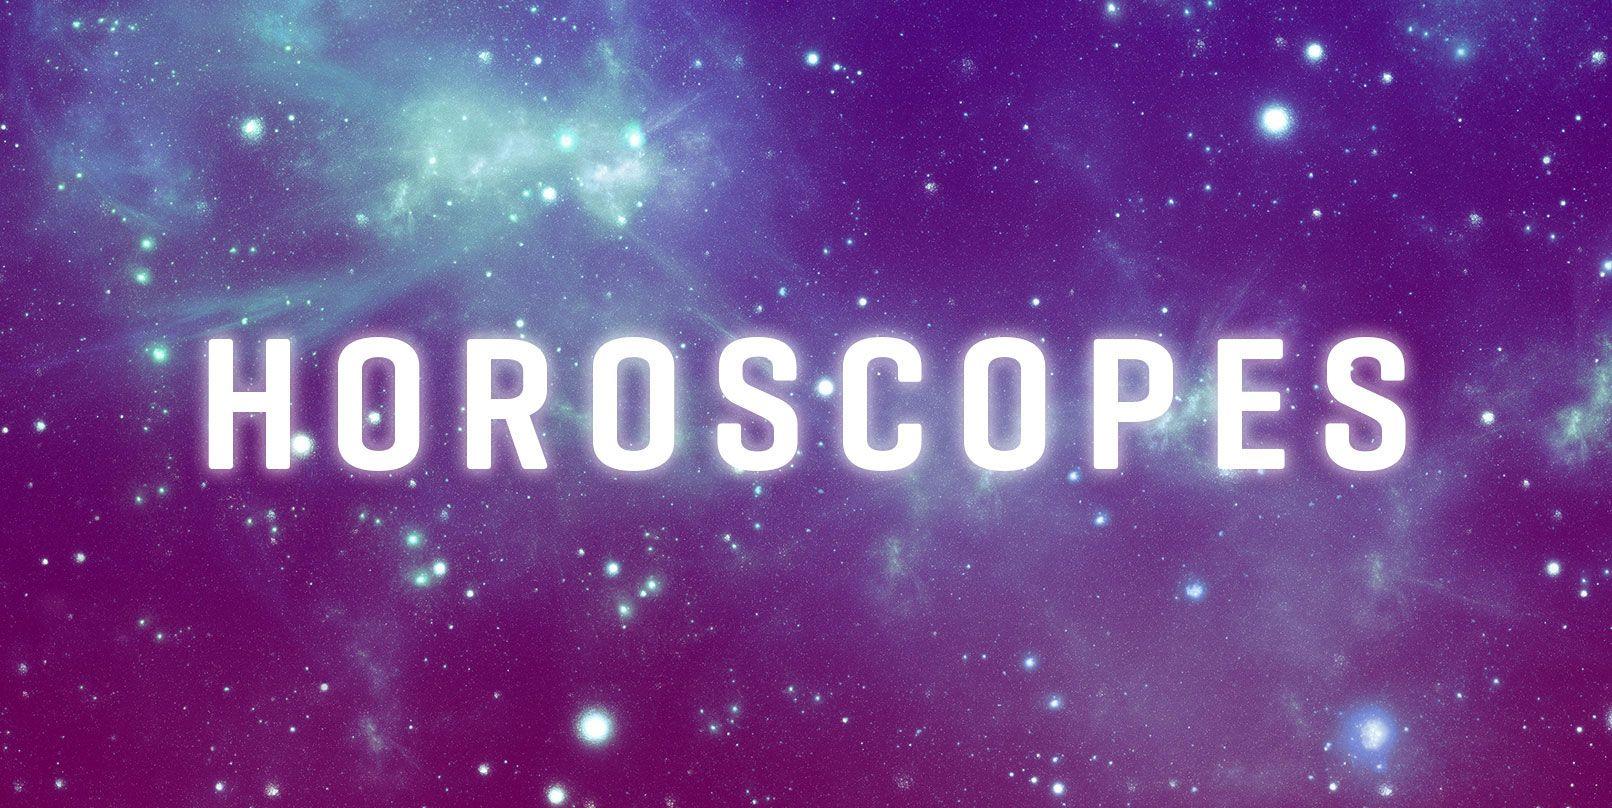 2018 horoscope for jule 12 birthday